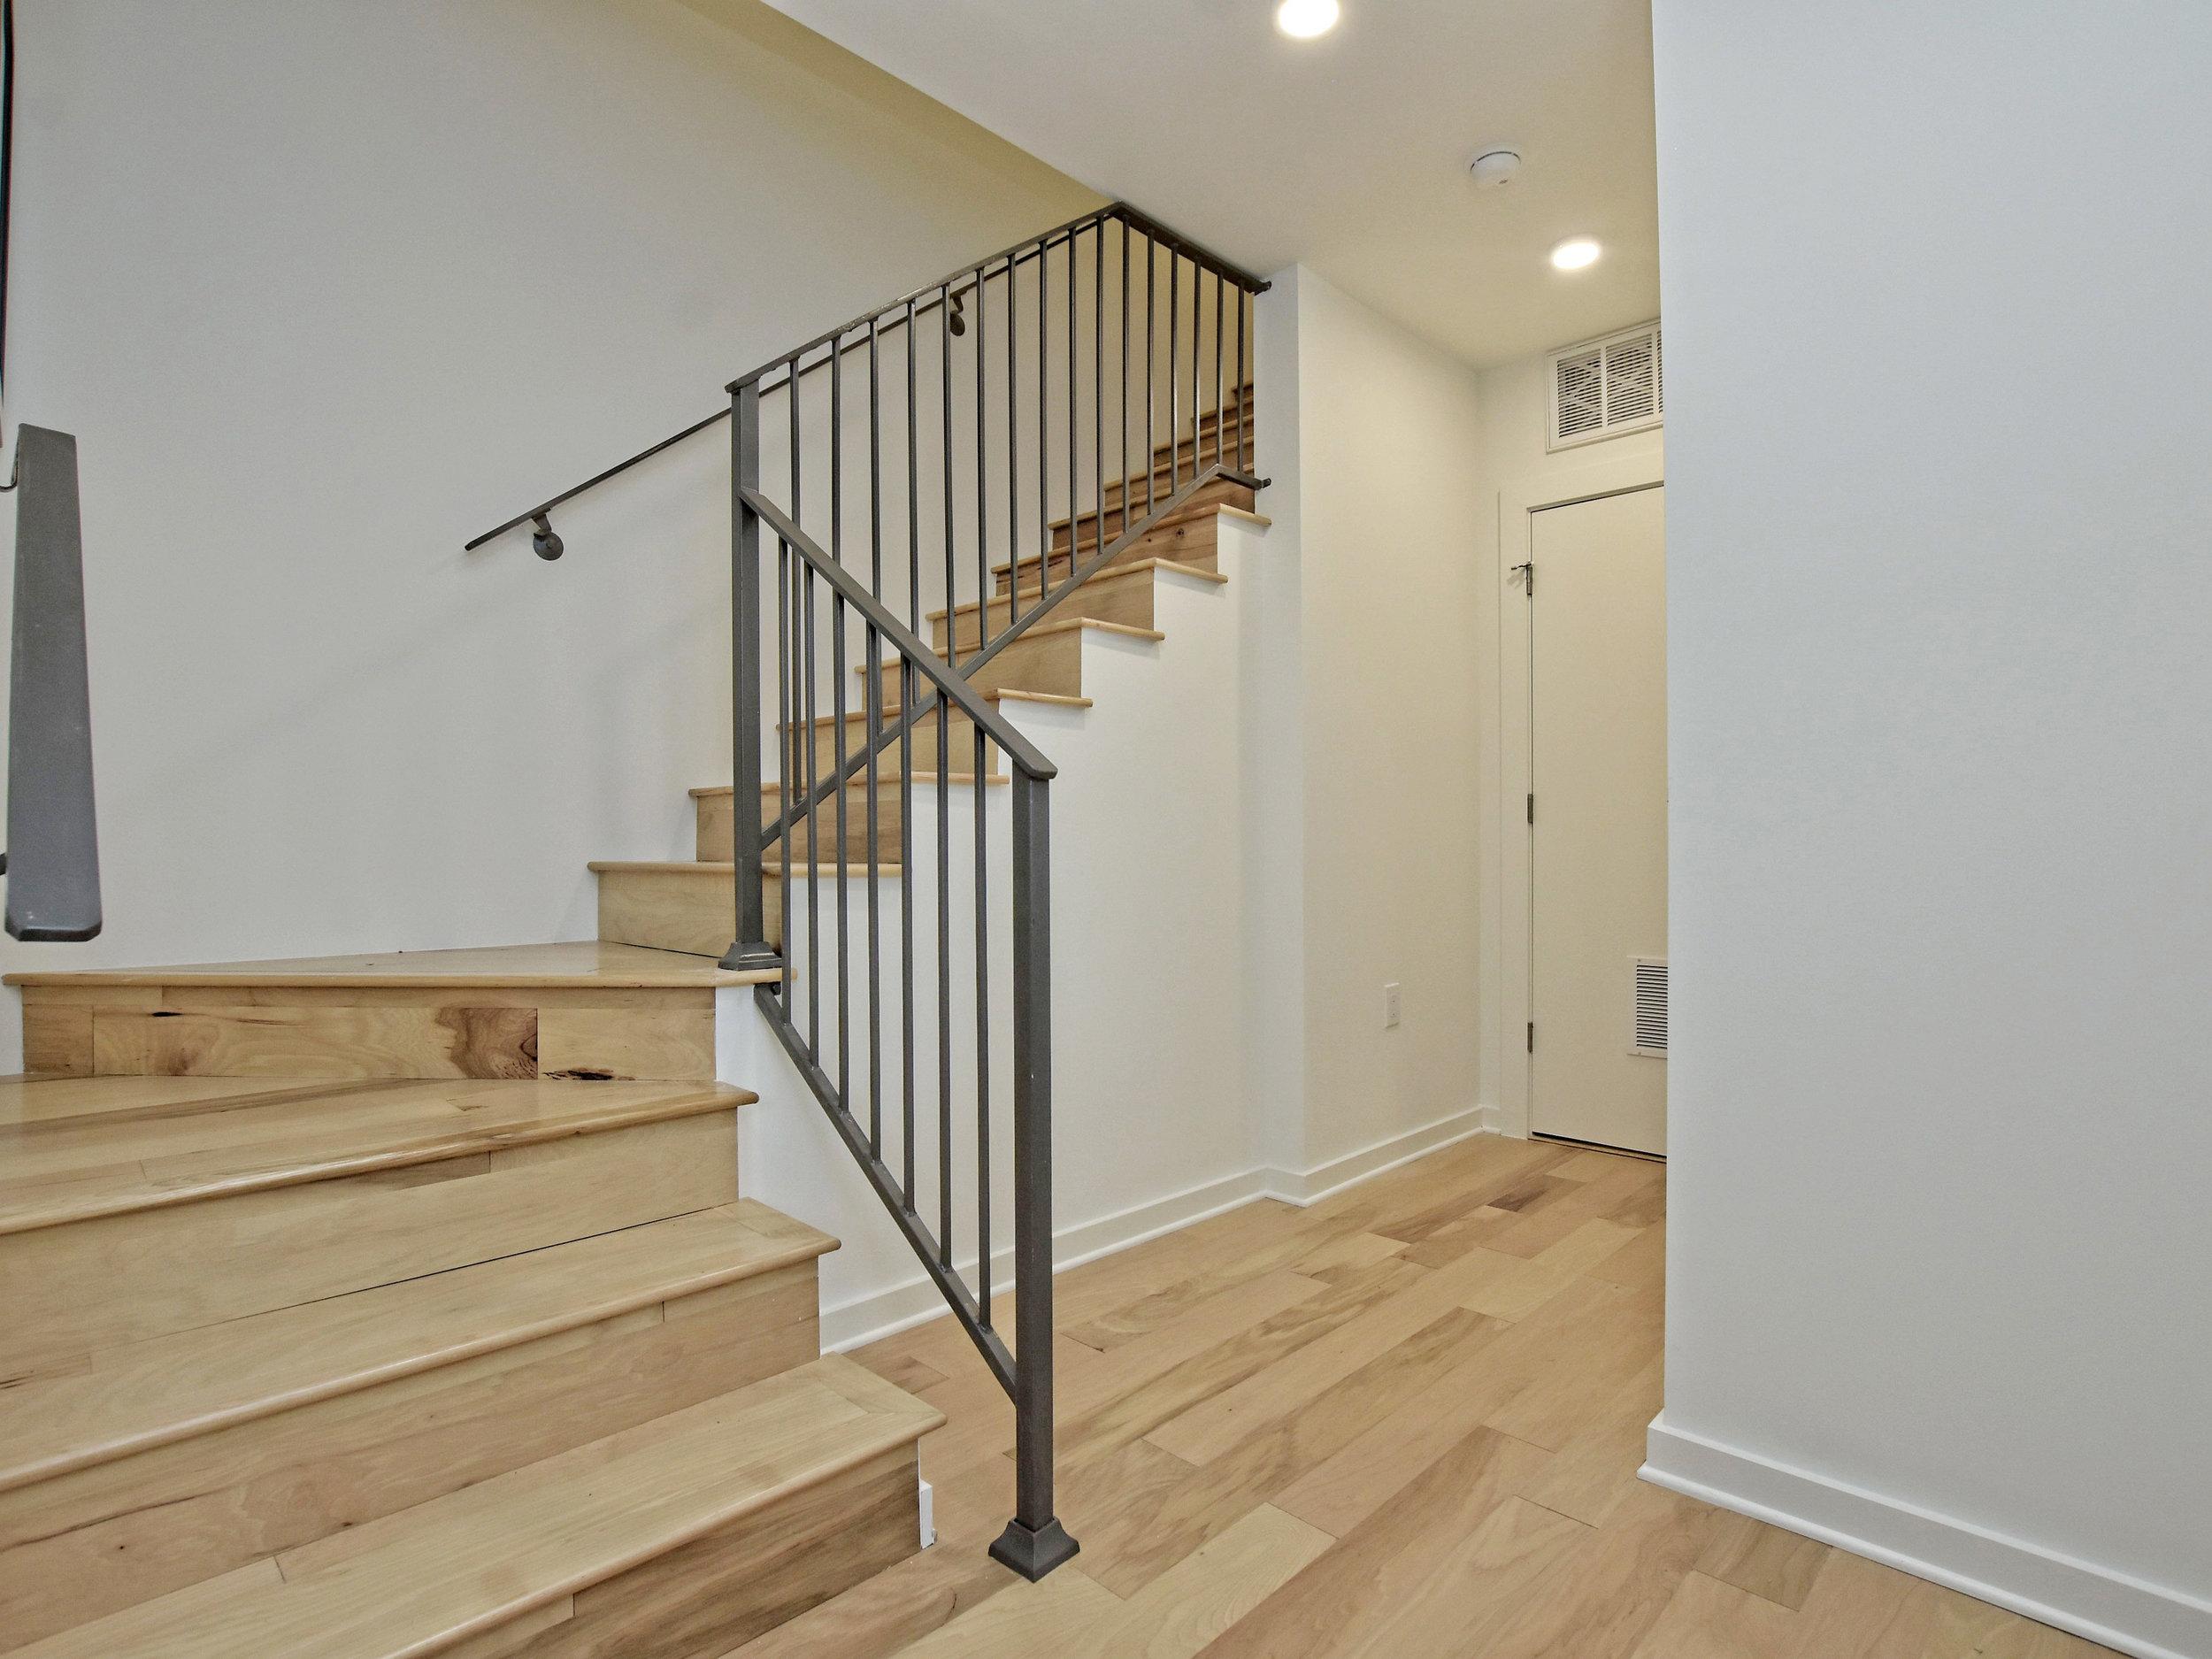 013_Downstairs.jpg